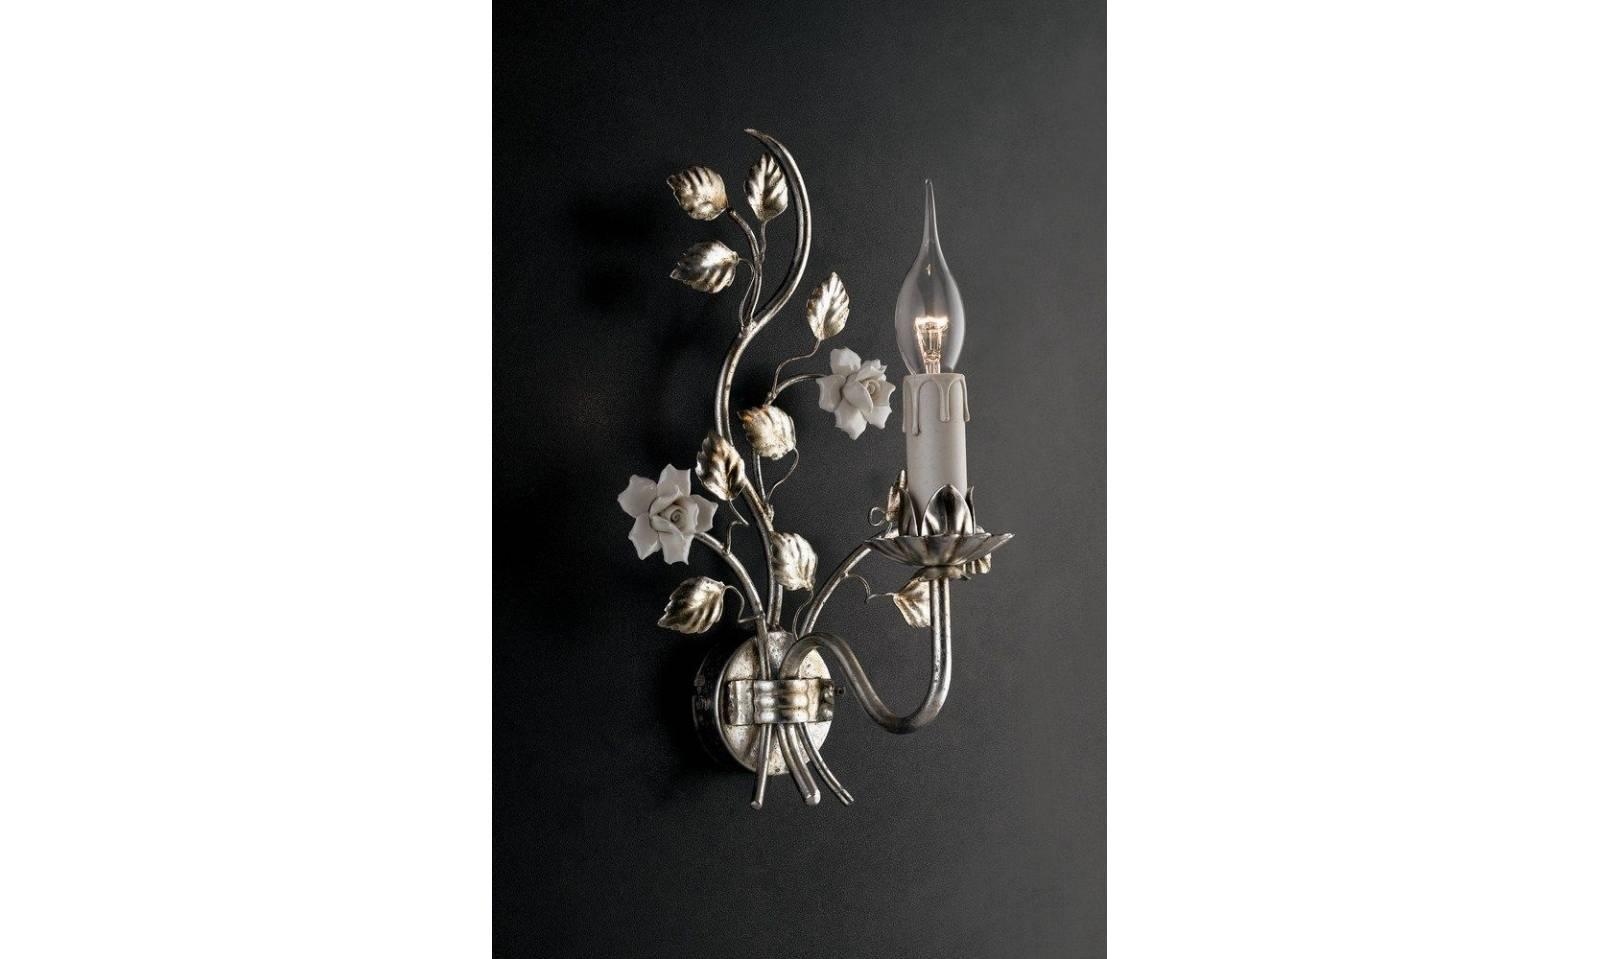 Applique classico 1 luce in ferro battuto foglia argento e ceramica